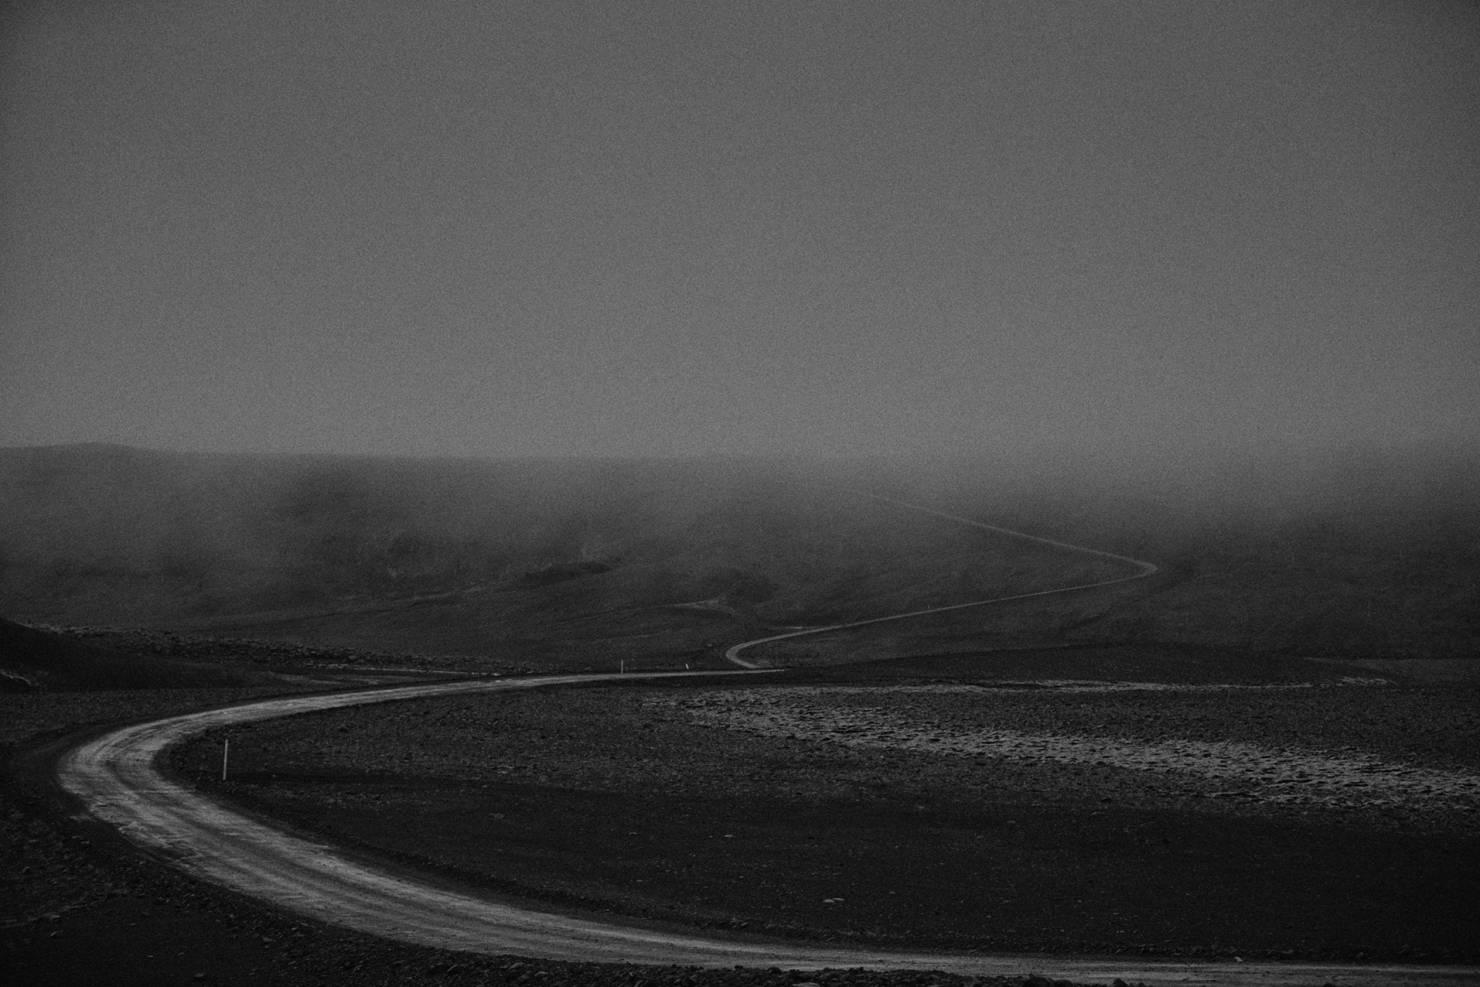 patrick_schuttler_landscape_iceland_004-a55d5045a07771d7da89b354dc93d585